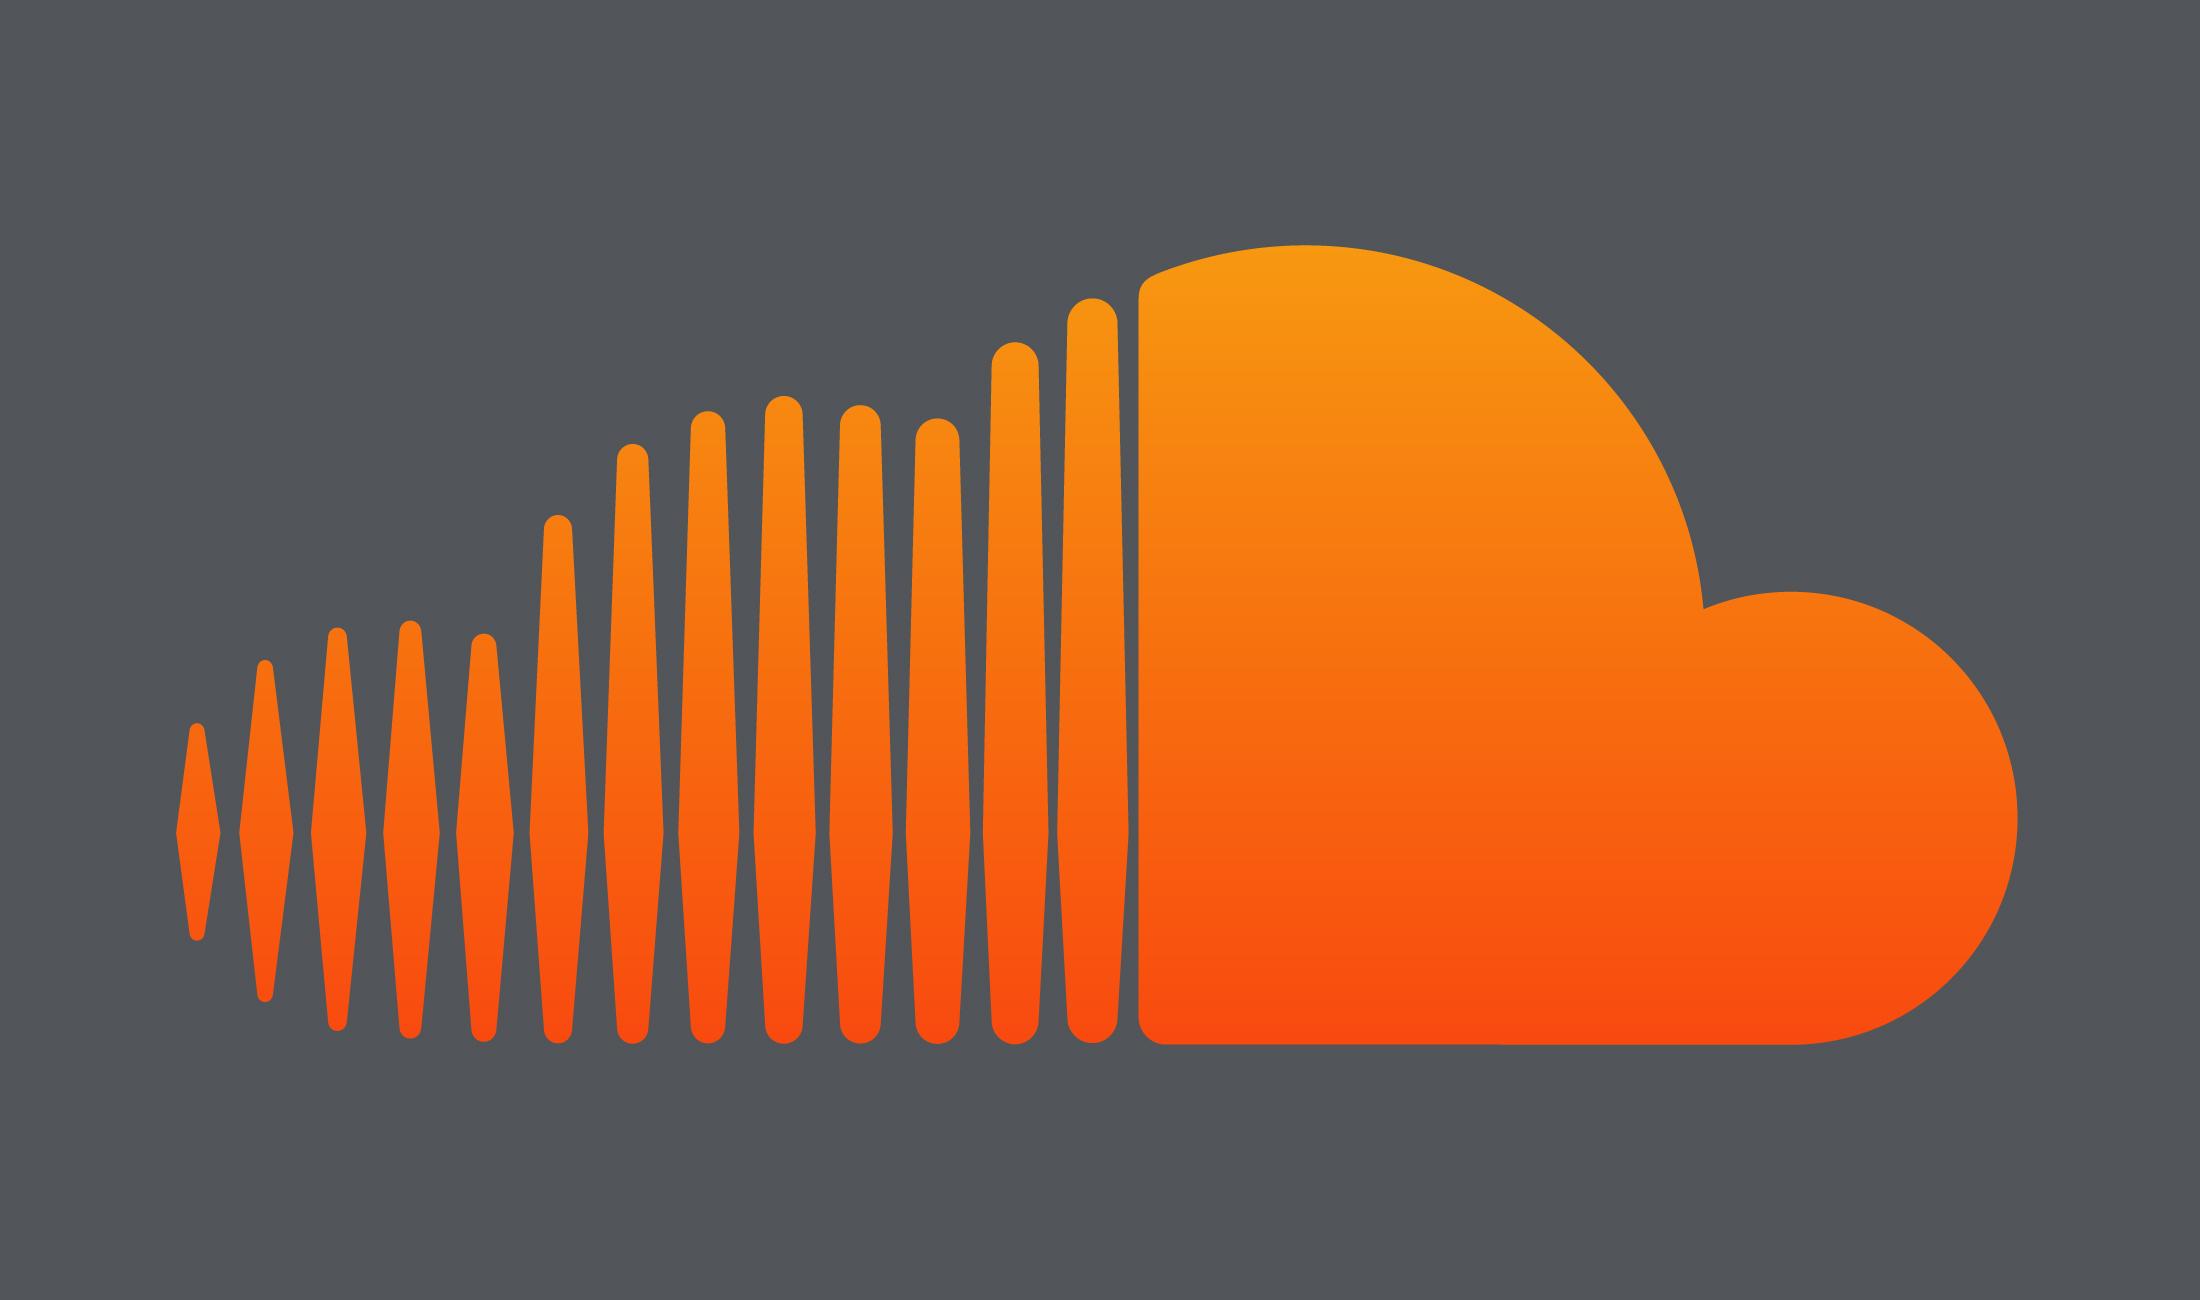 SoundCloud bringt deine Tracks zukünftig auf alle großen Musikplattformen!